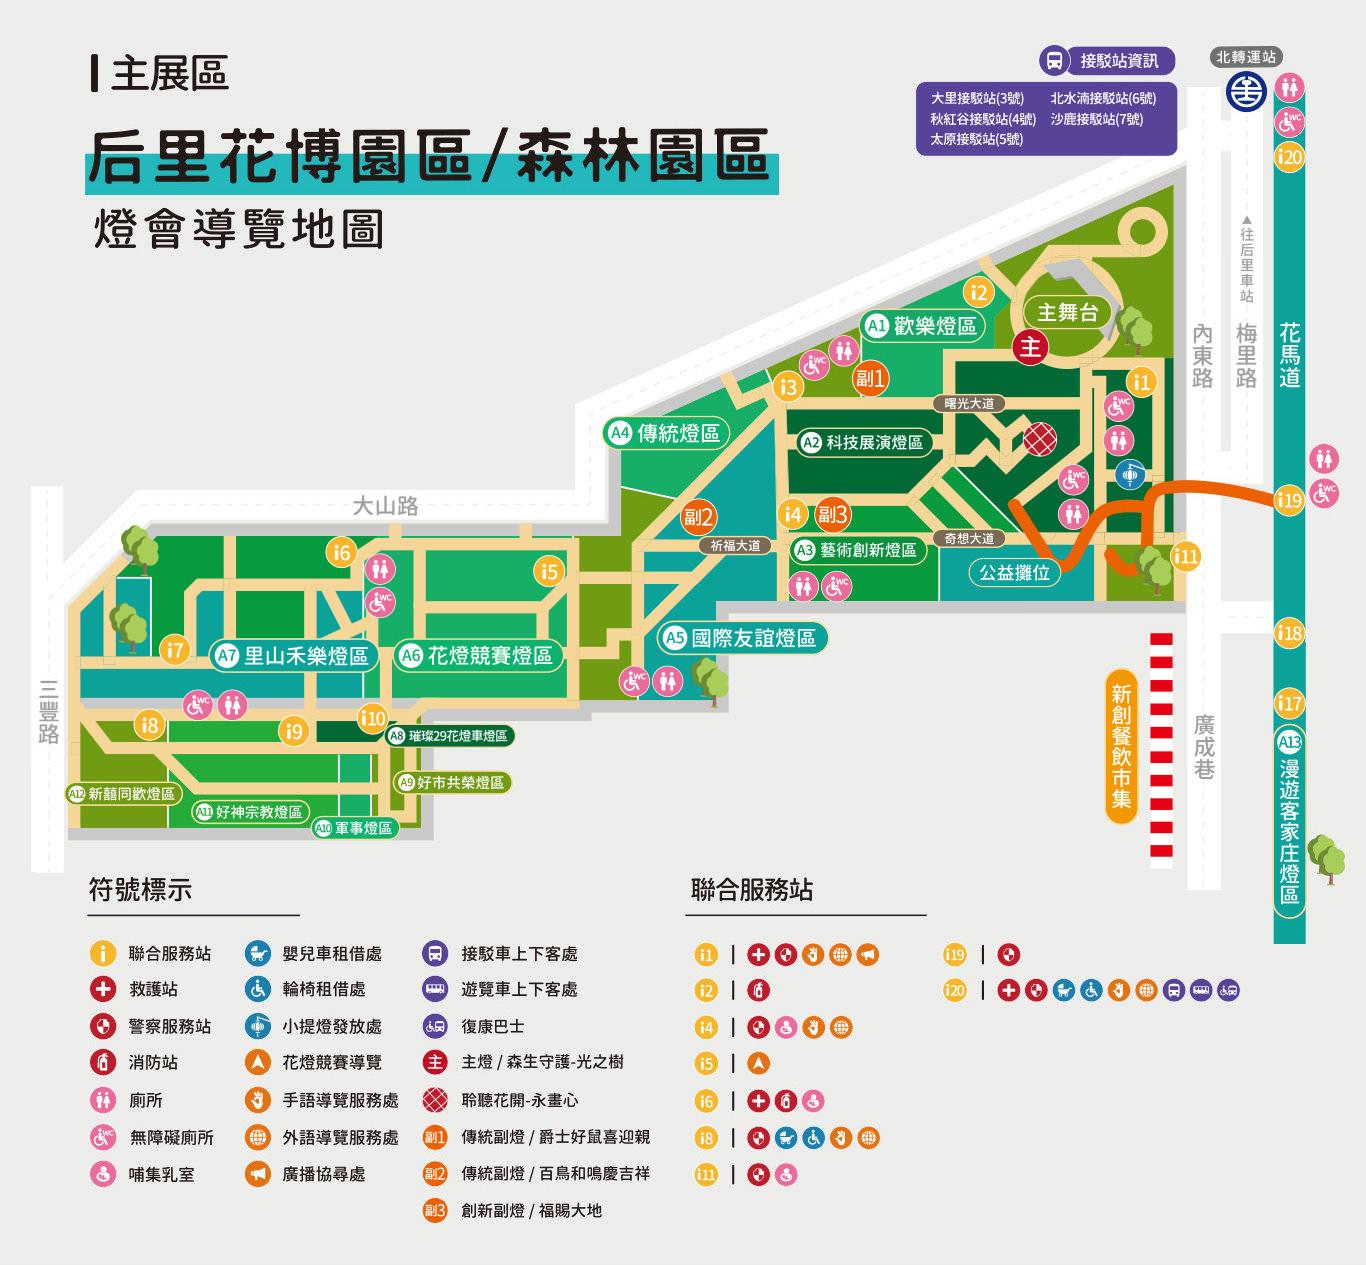 20200203214918 81 - 2020台灣燈會,主展區在后里森林園區、馬場園區,動物花燈現身!